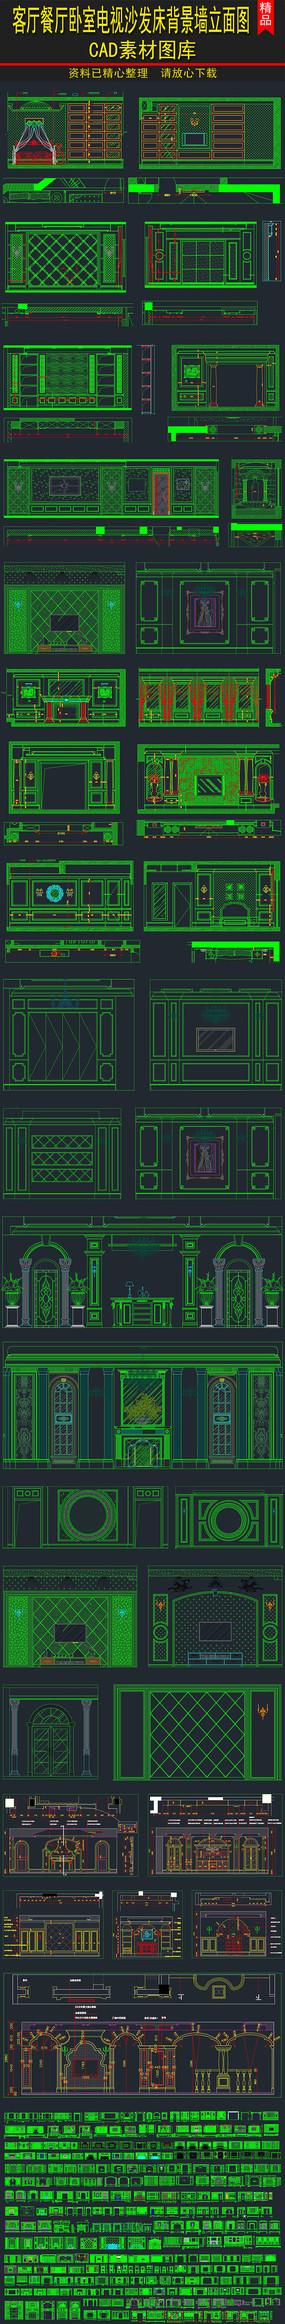 客厅餐厅卧室背景CAD图库